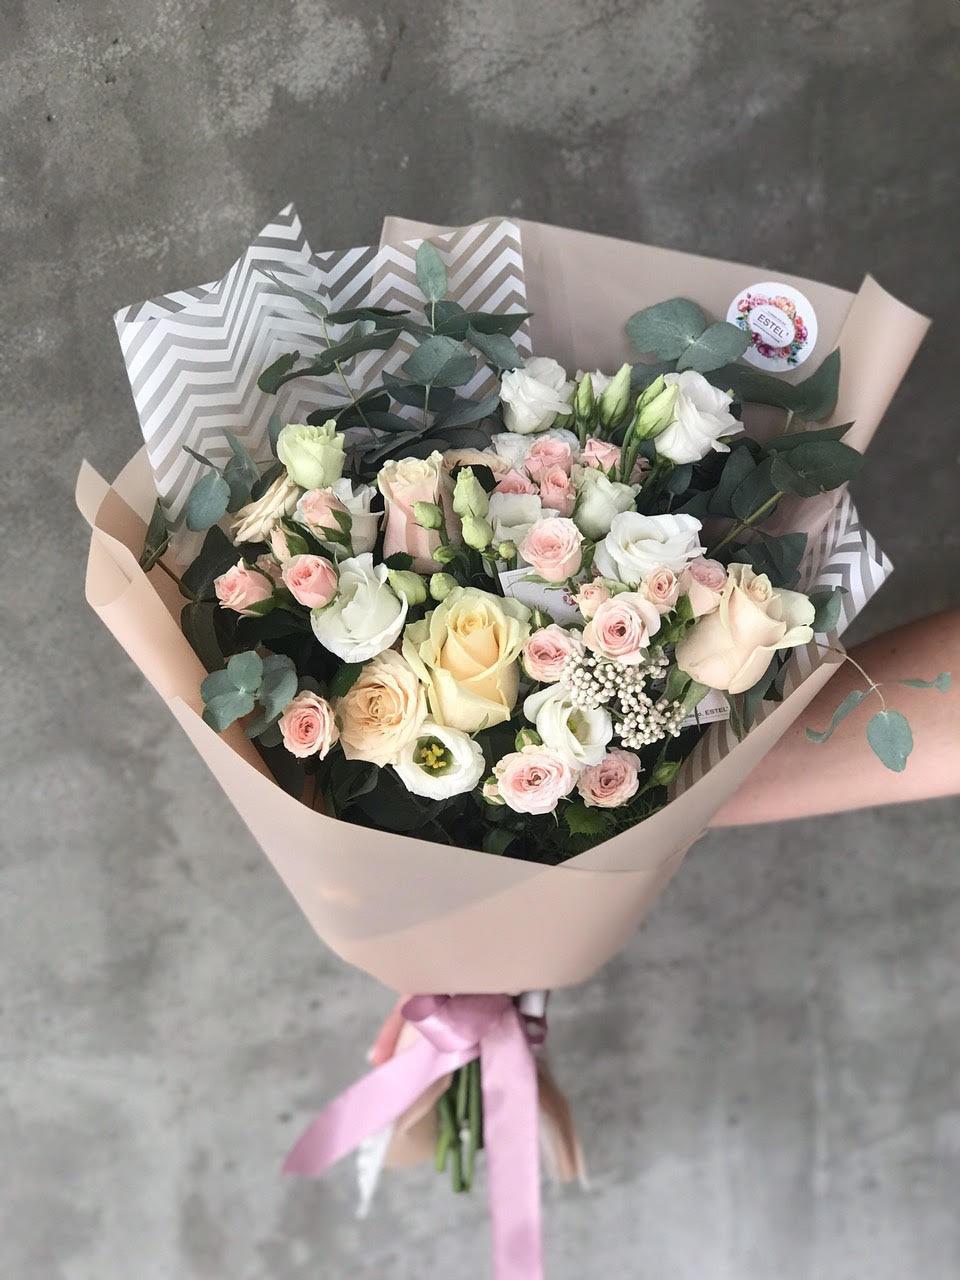 Закажи красивый букет в новом цветочном магазине - получи доставку в подарок!, фото-11